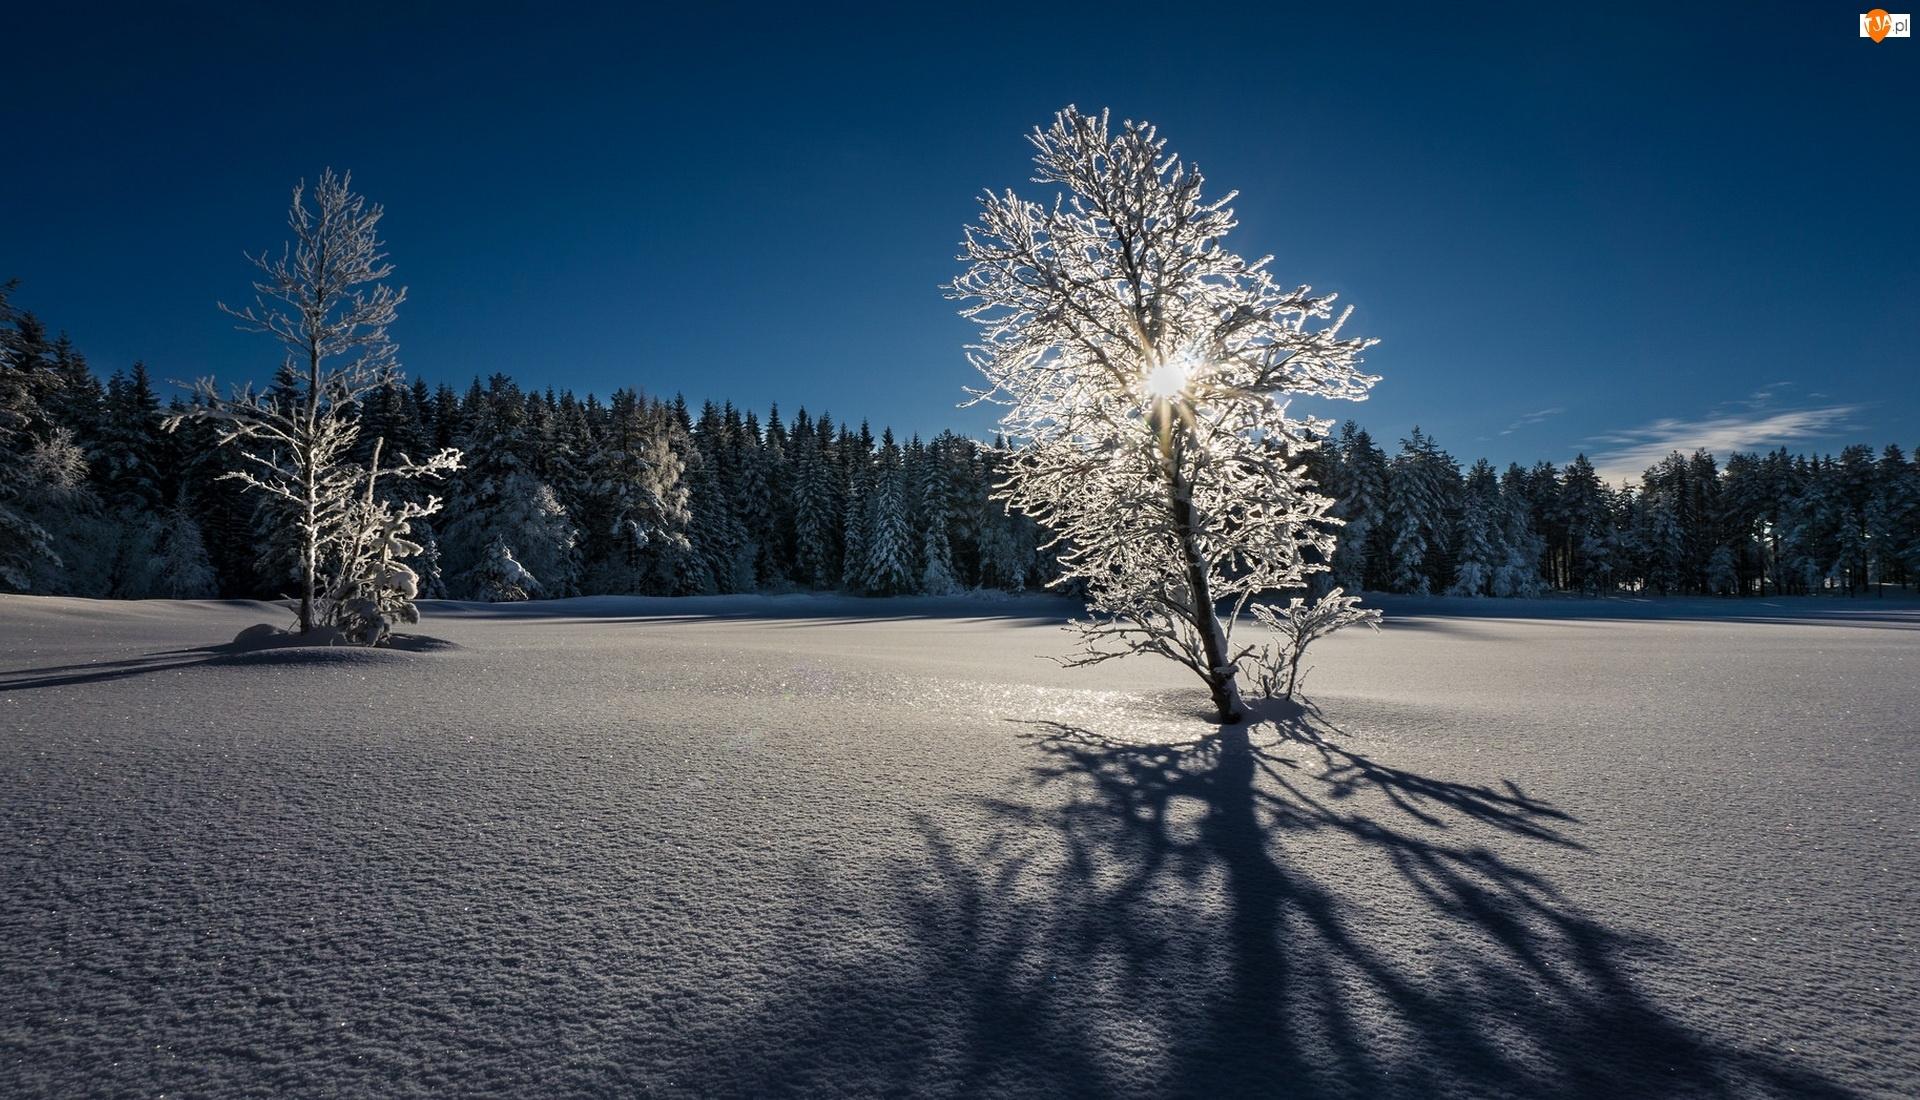 Zima, Wschód słońca, Śnieg, Drzewa